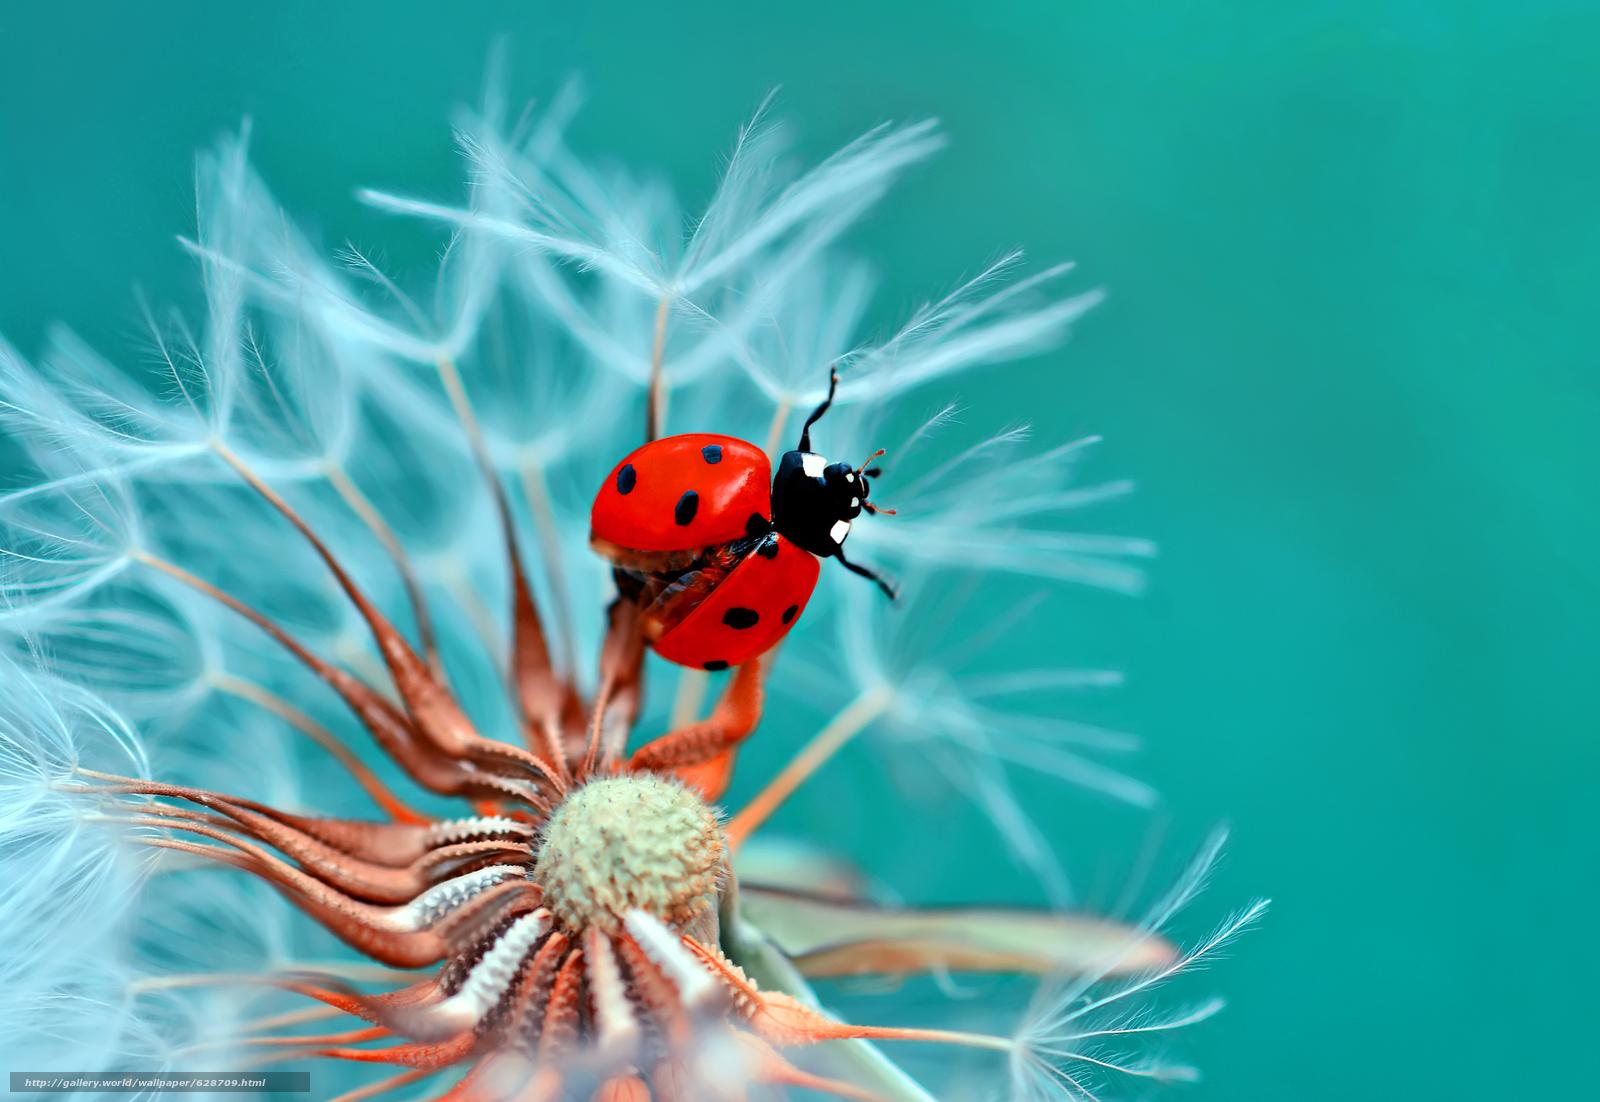 божья коровка, жук, насекомое, козлобородник, цветок, макро